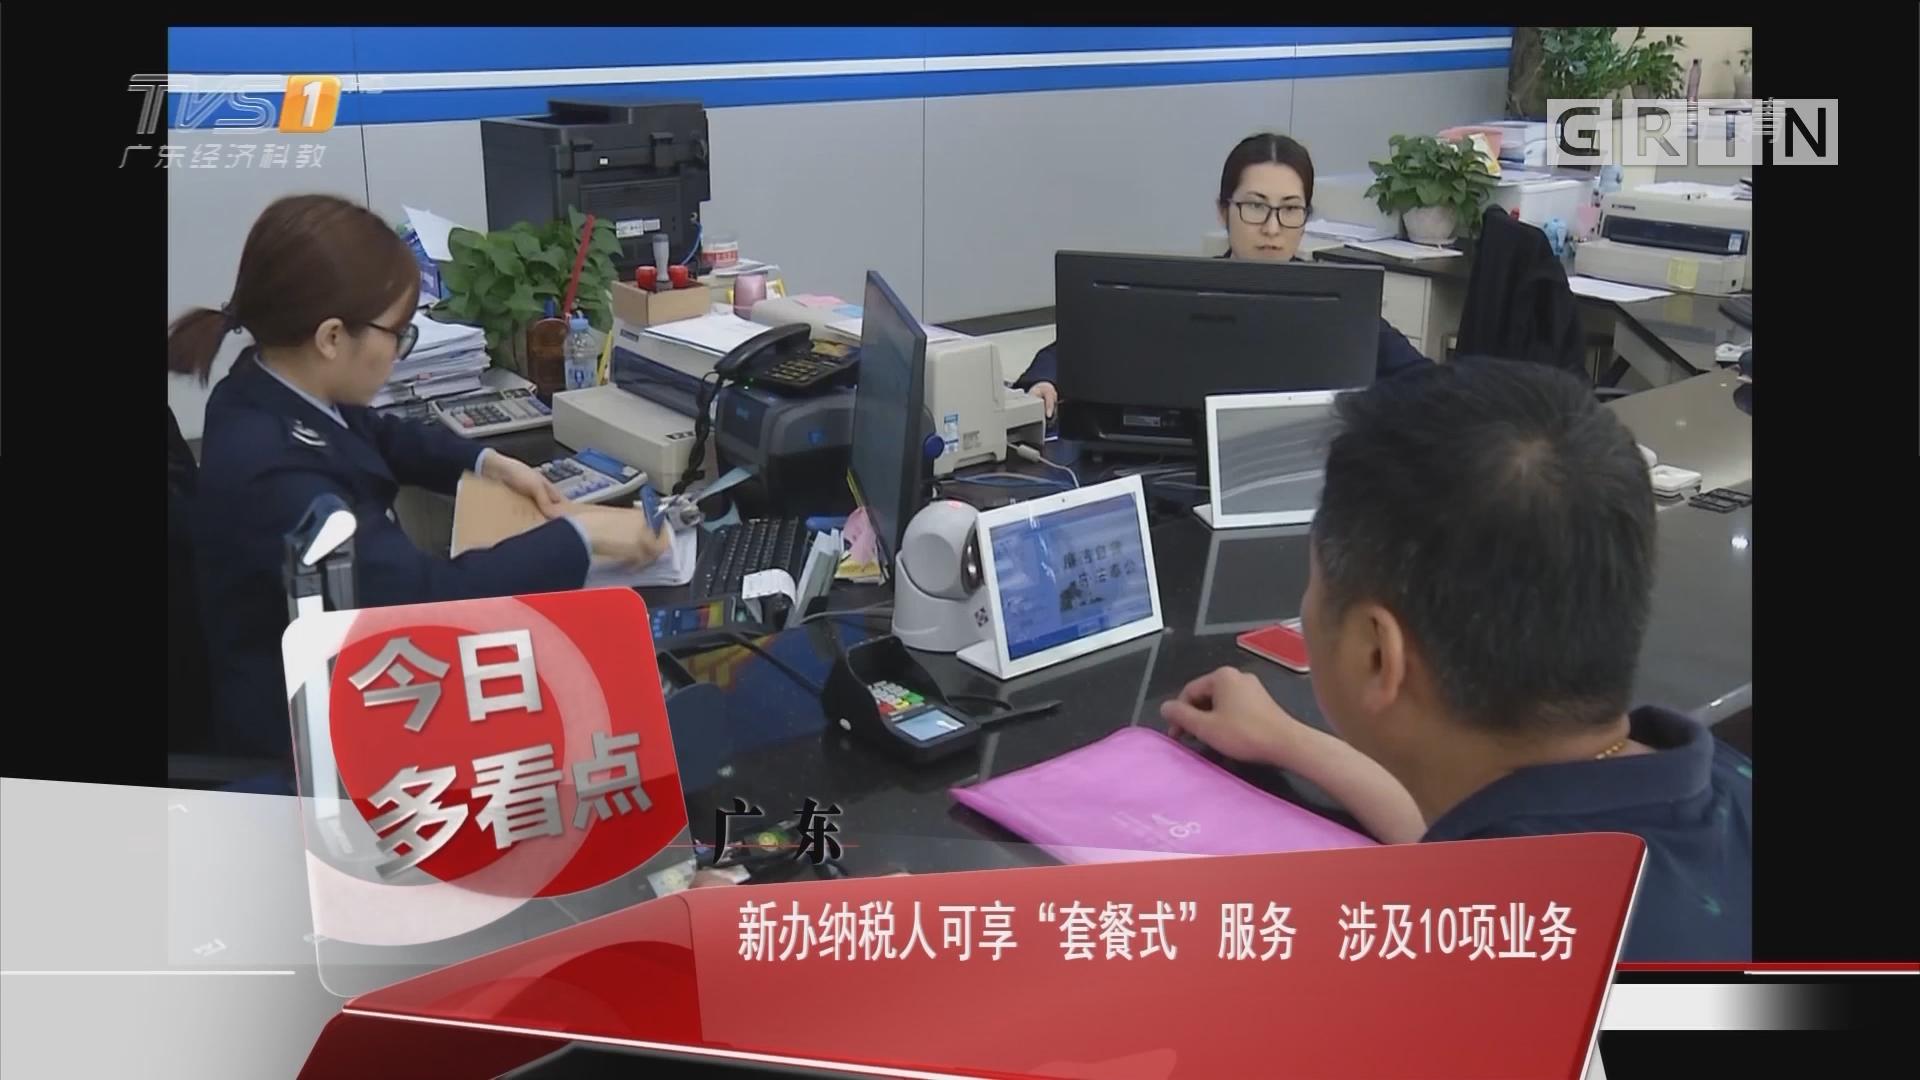 """广东:新办纳税人可享""""套餐式""""服务 涉及10项业务"""